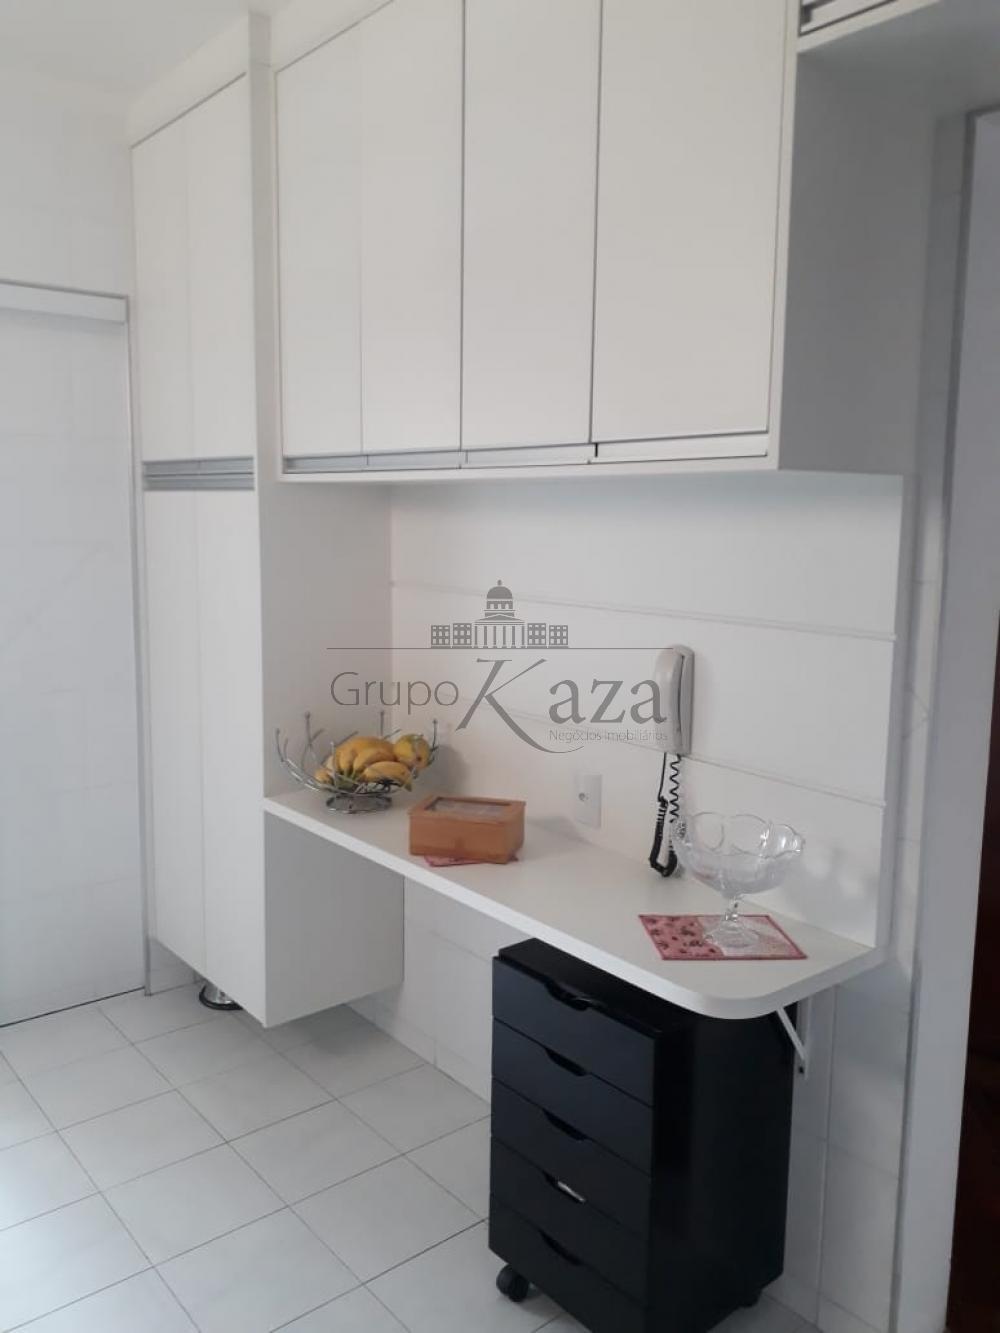 alt='Comprar Apartamento / Padrão em São José dos Campos R$ 415.000,00 - Foto 6' title='Comprar Apartamento / Padrão em São José dos Campos R$ 415.000,00 - Foto 6'